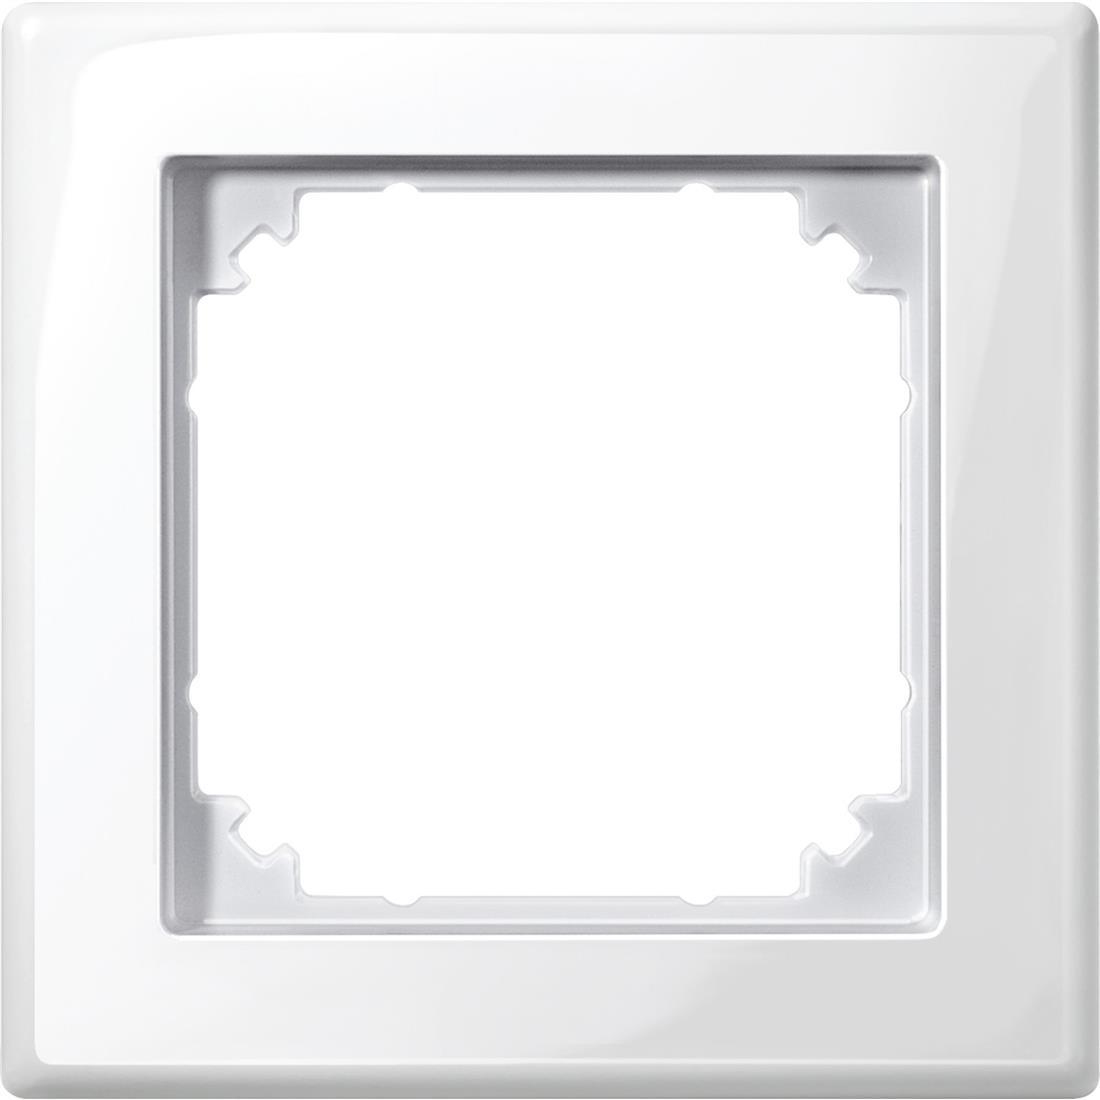 Schneider Electric Merten M-Smart 1-voudig afdekraam - polarwit glanzend (478119)